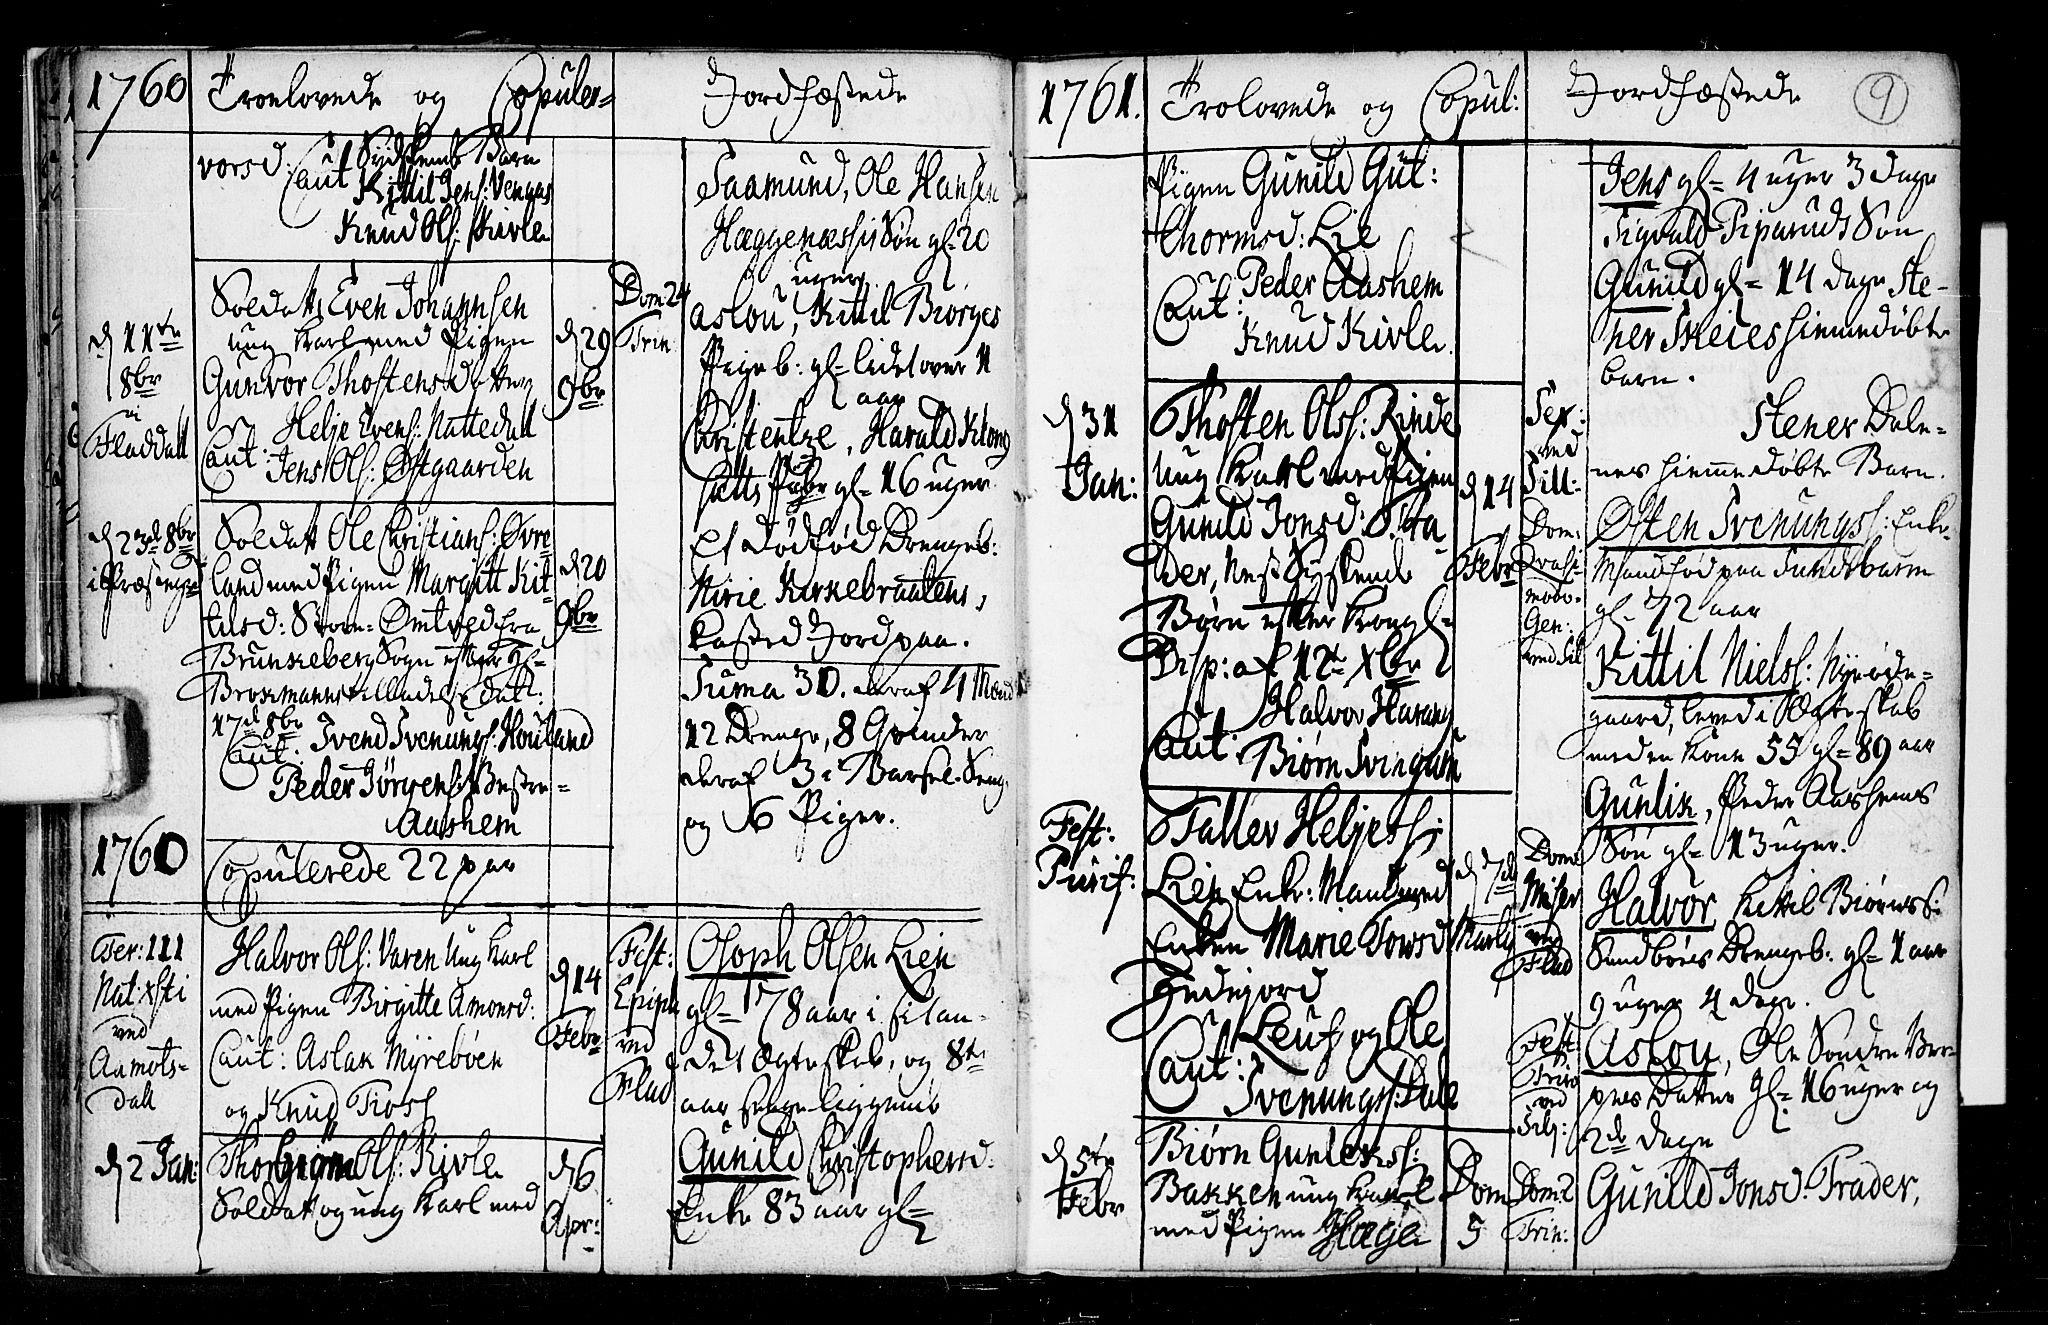 SAKO, Seljord kirkebøker, F/Fa/L0008: Ministerialbok nr. I 8, 1755-1814, s. 9